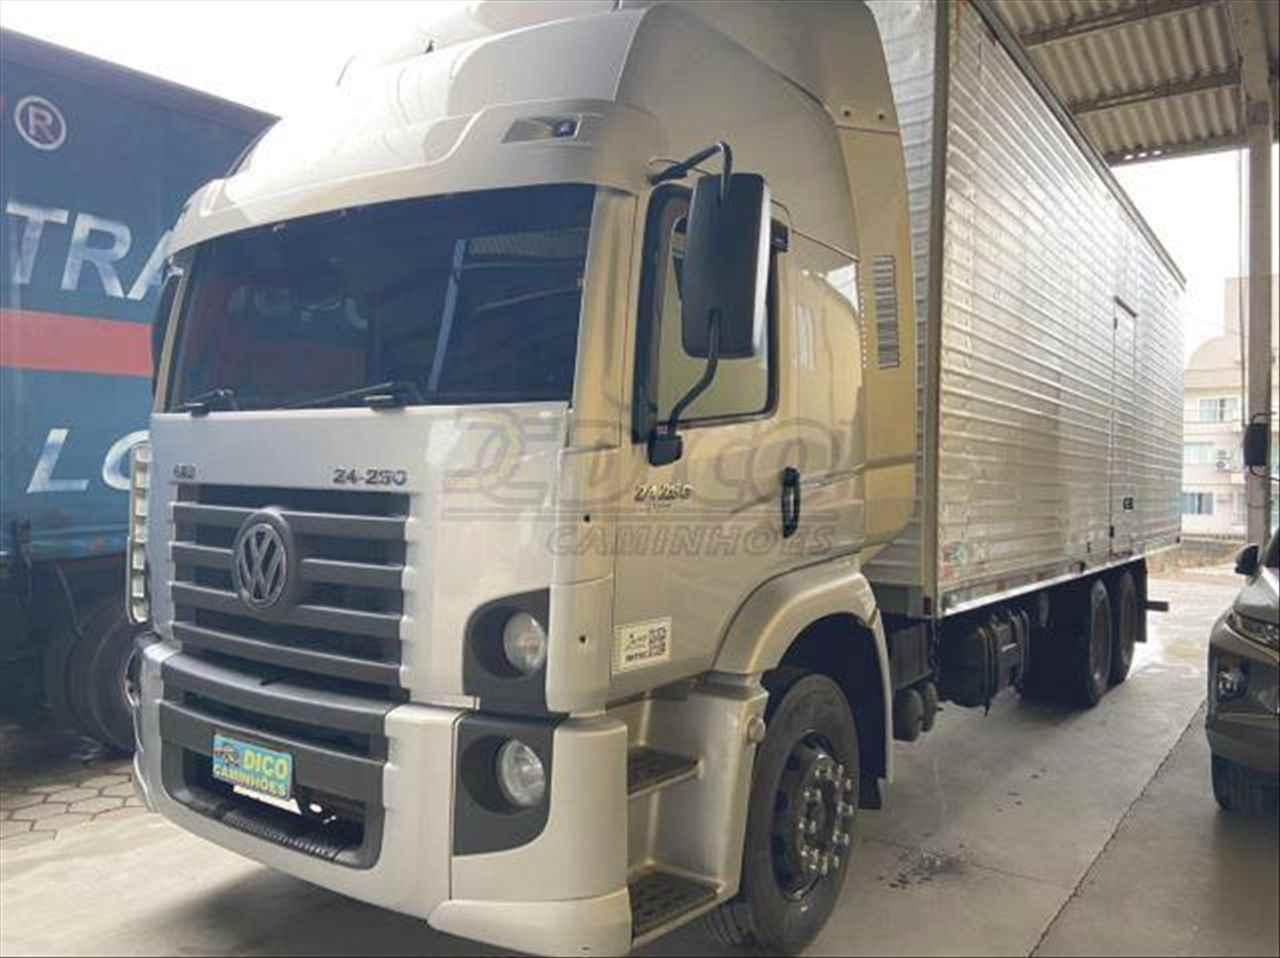 CAMINHAO VOLKSWAGEN VW 24250 Baú Furgão Truck 6x2 Dico Caminhões RIO DO SUL SANTA CATARINA SC